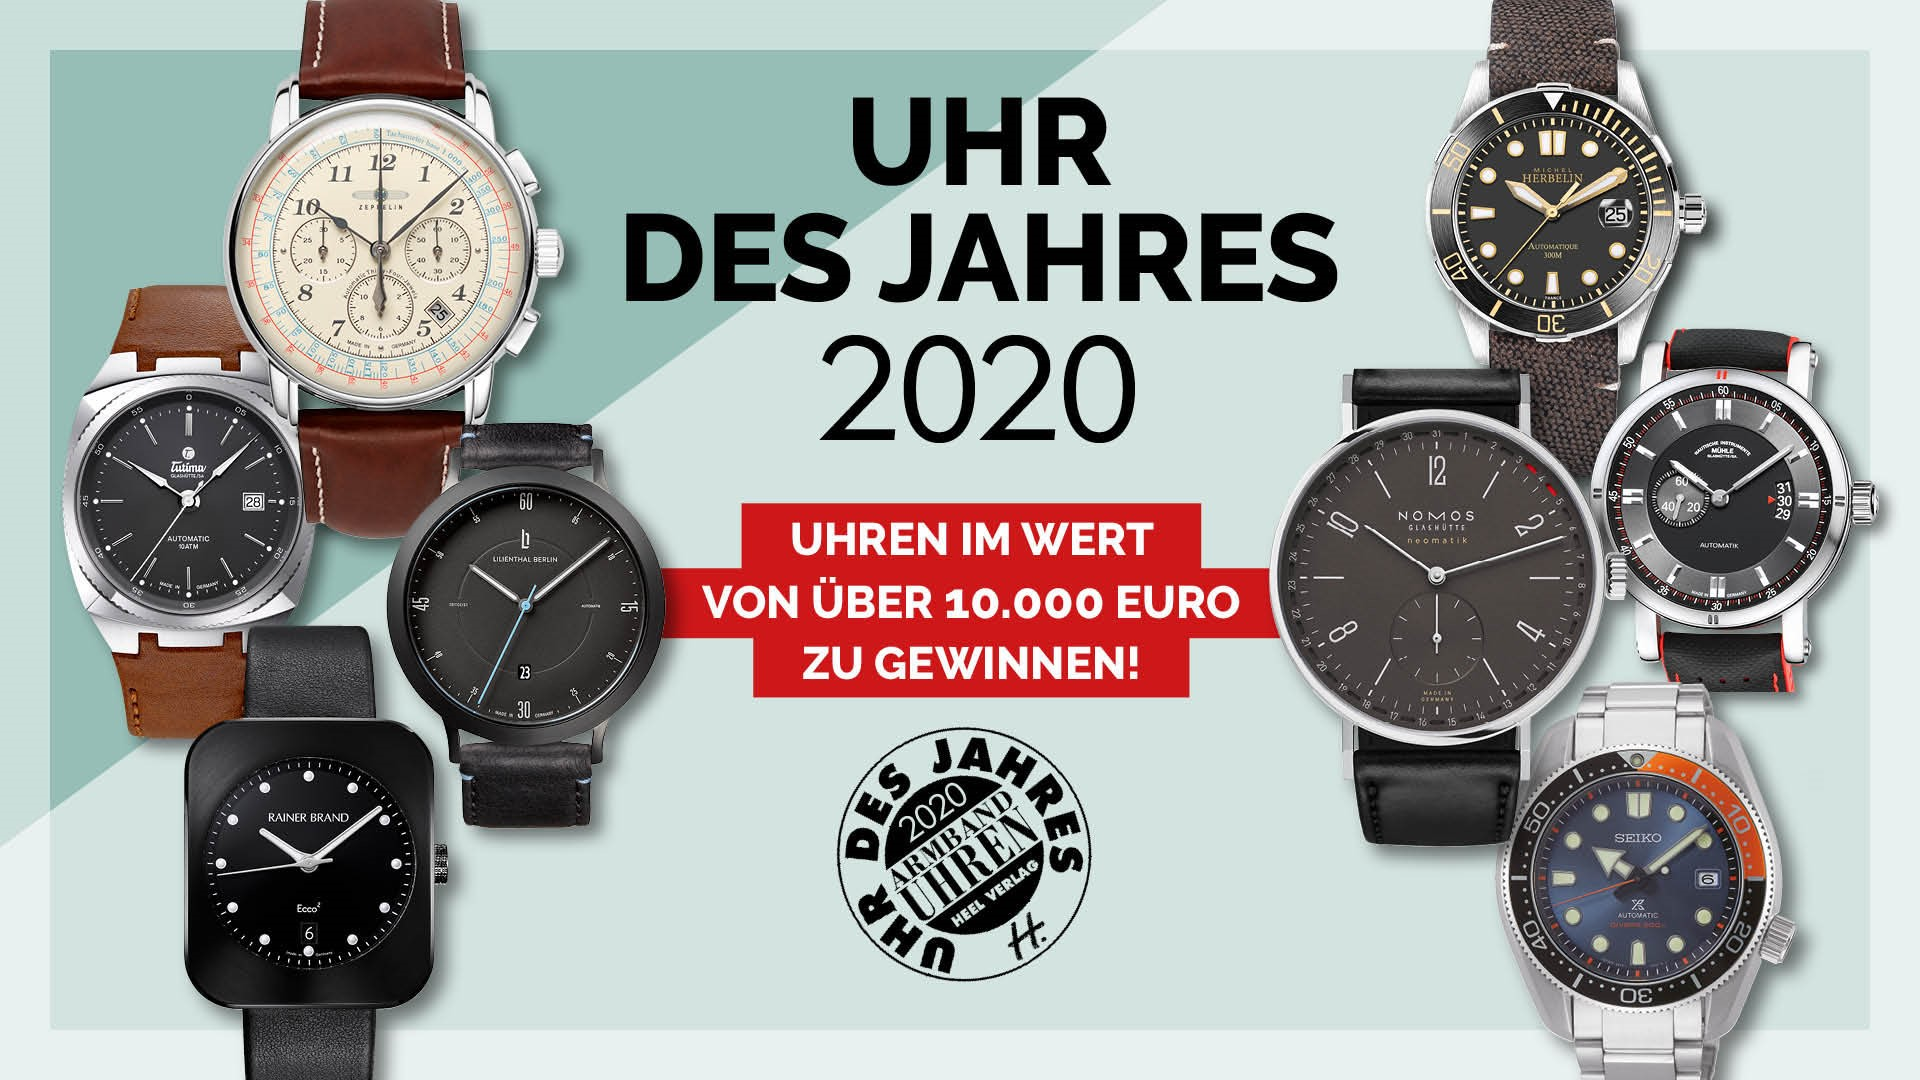 Armbanduhren Uhr des Jahres 2020